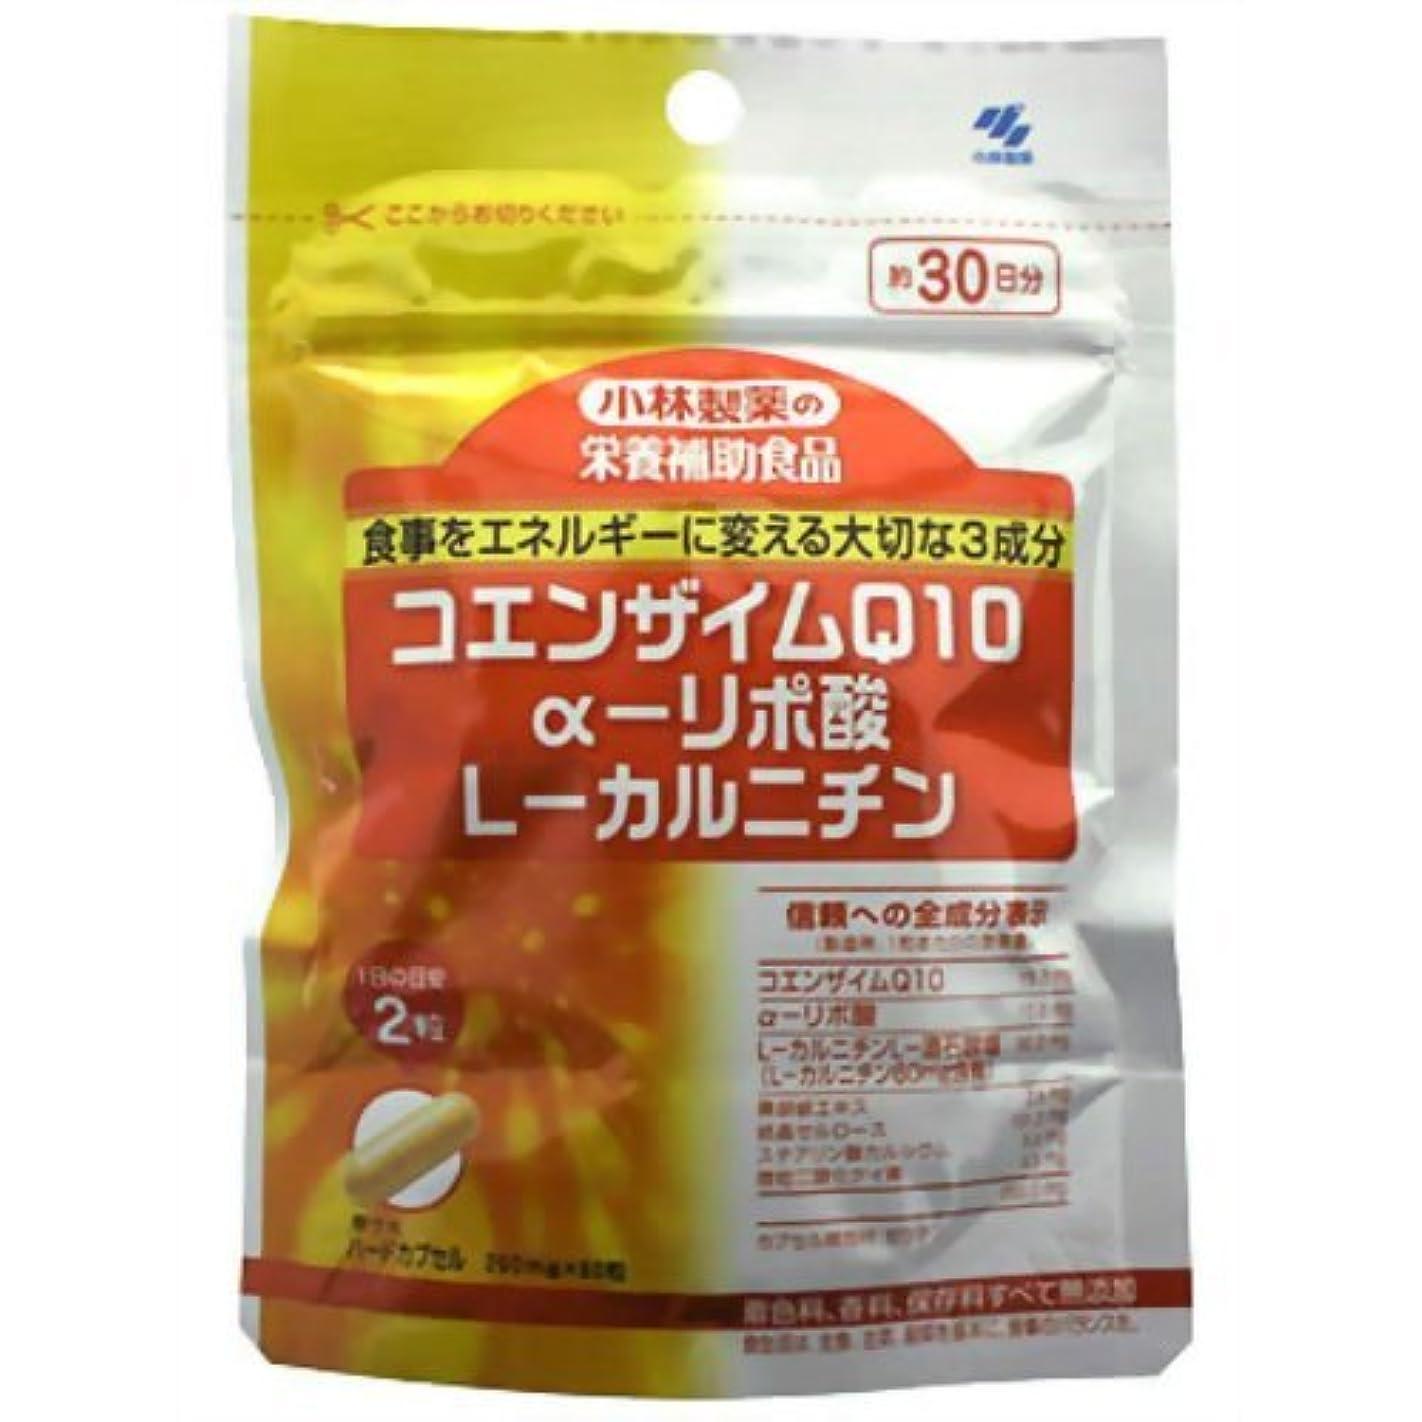 縮約必要とするかわいらしい小林製薬の栄養補助食品 CoQ10+αリポ酸+Lカルニチン 60粒